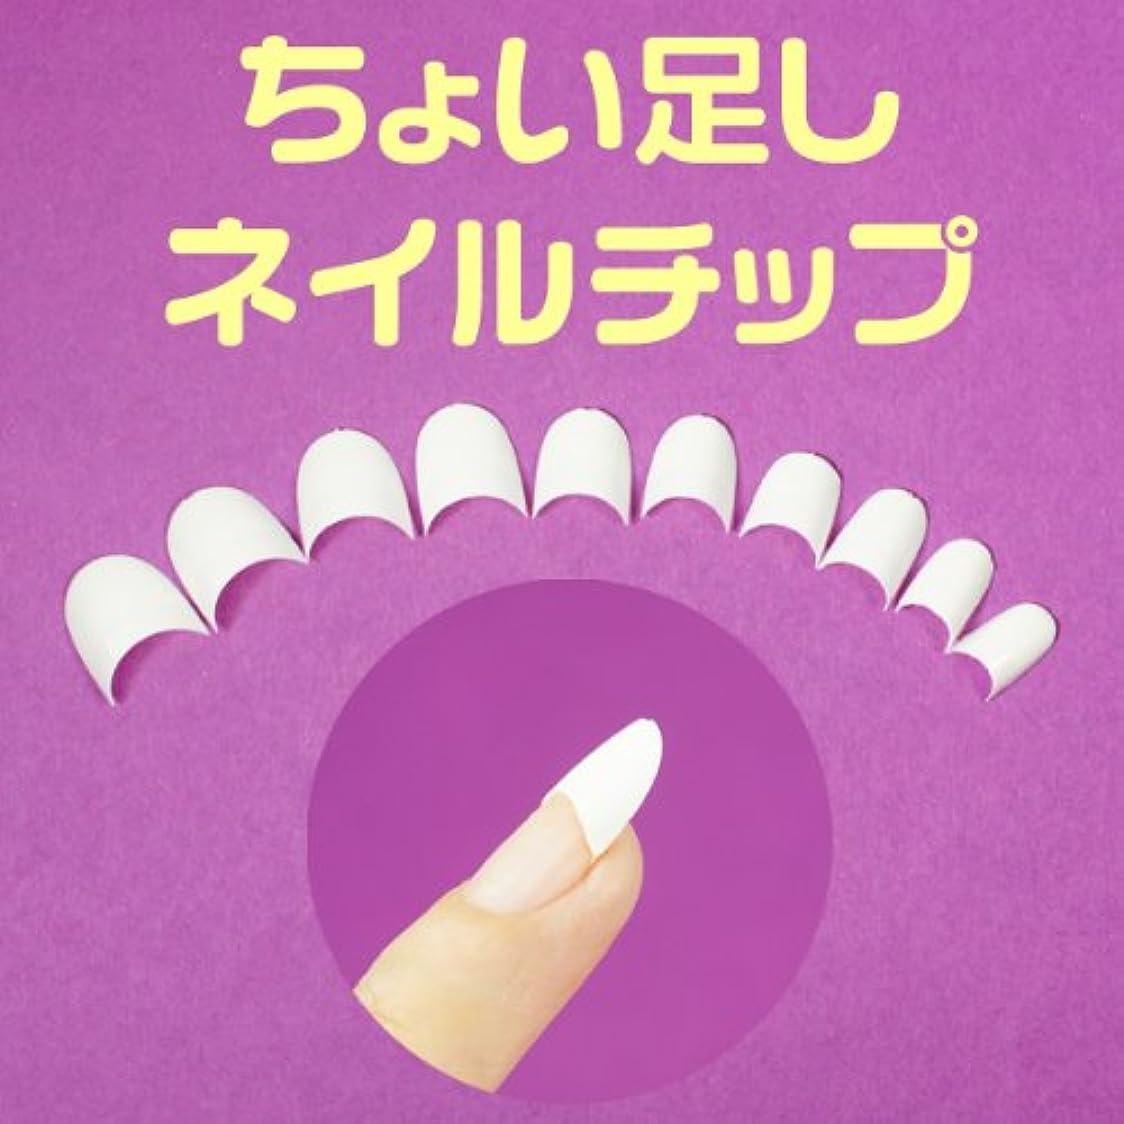 荒らすもう一度不名誉白いちょい足しネイルチップ 超短いハーフチップ スカルプチャー ジェルネイル ラウンドショートクリアネイルチップ つけ爪付け爪